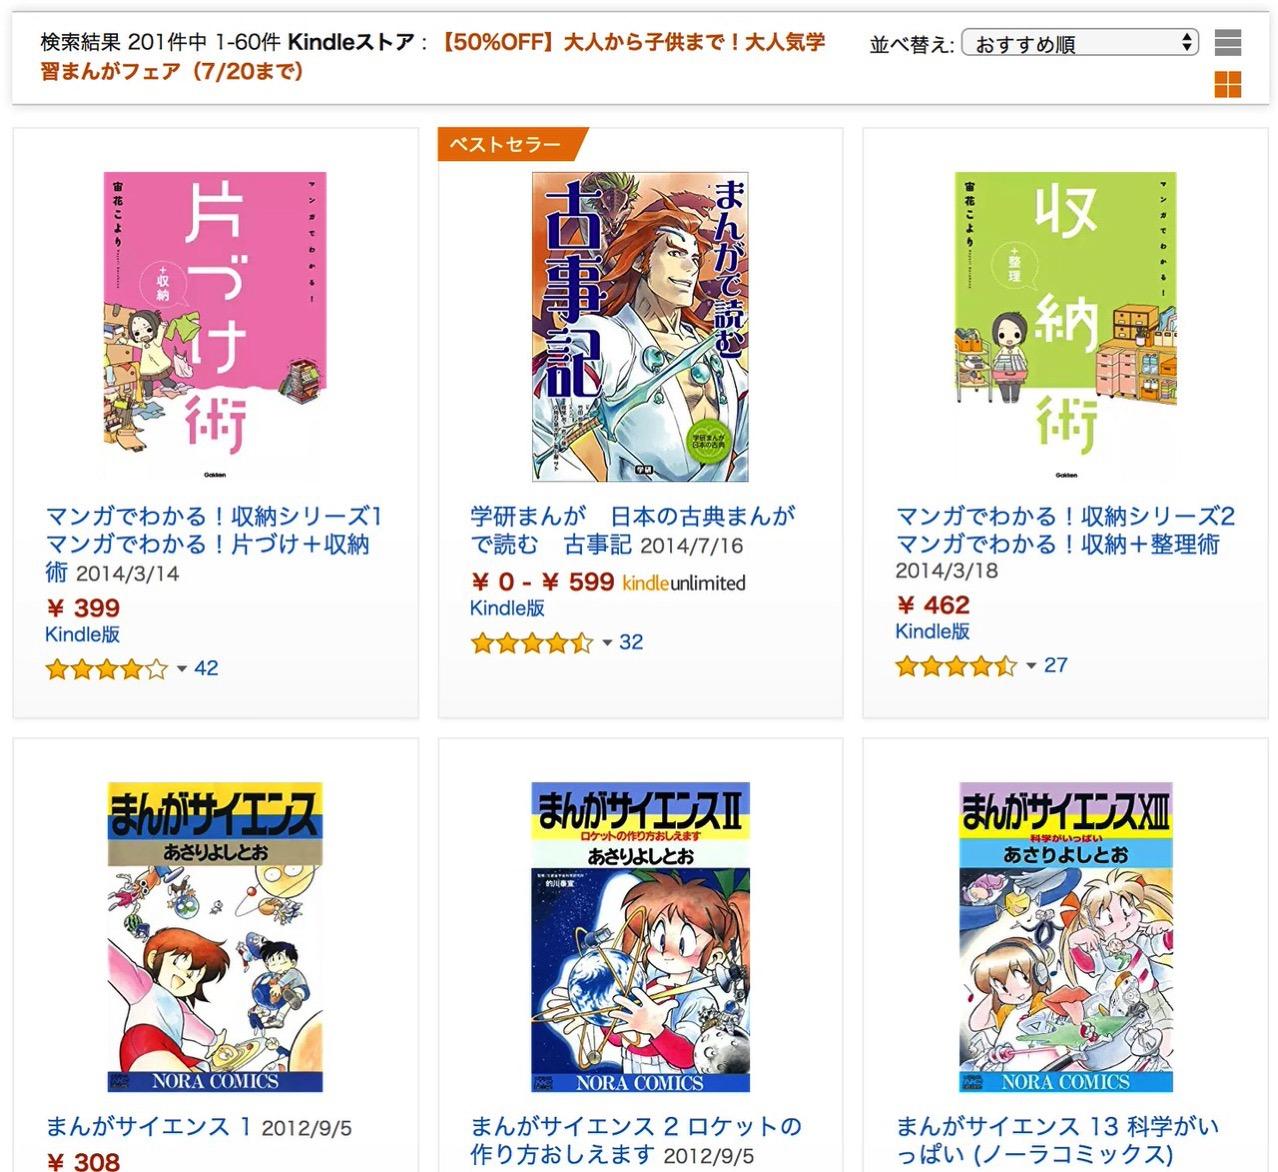 夏休みにぴったり?Kindle【50%OFF】大人から子供まで!大人気学習まんがフェア